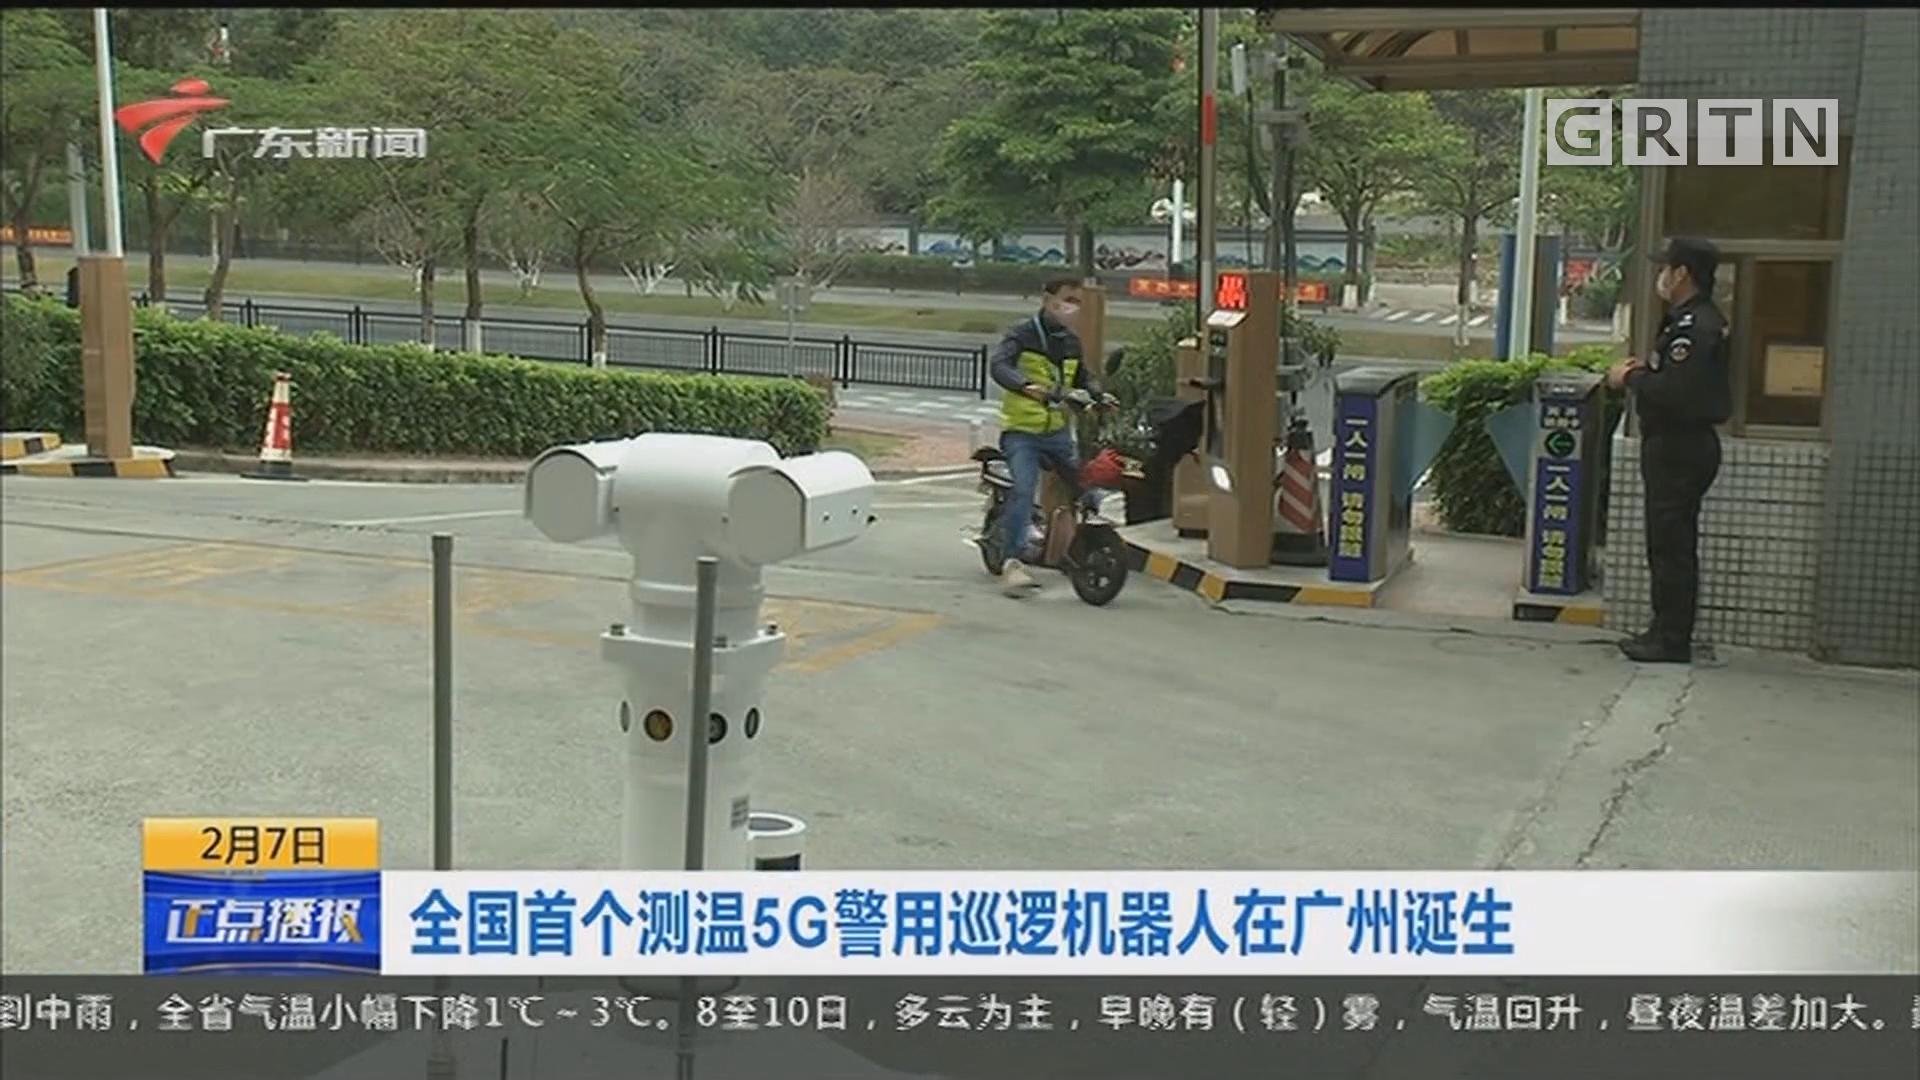 全国首个测温5G警用巡逻机器人在广州诞生